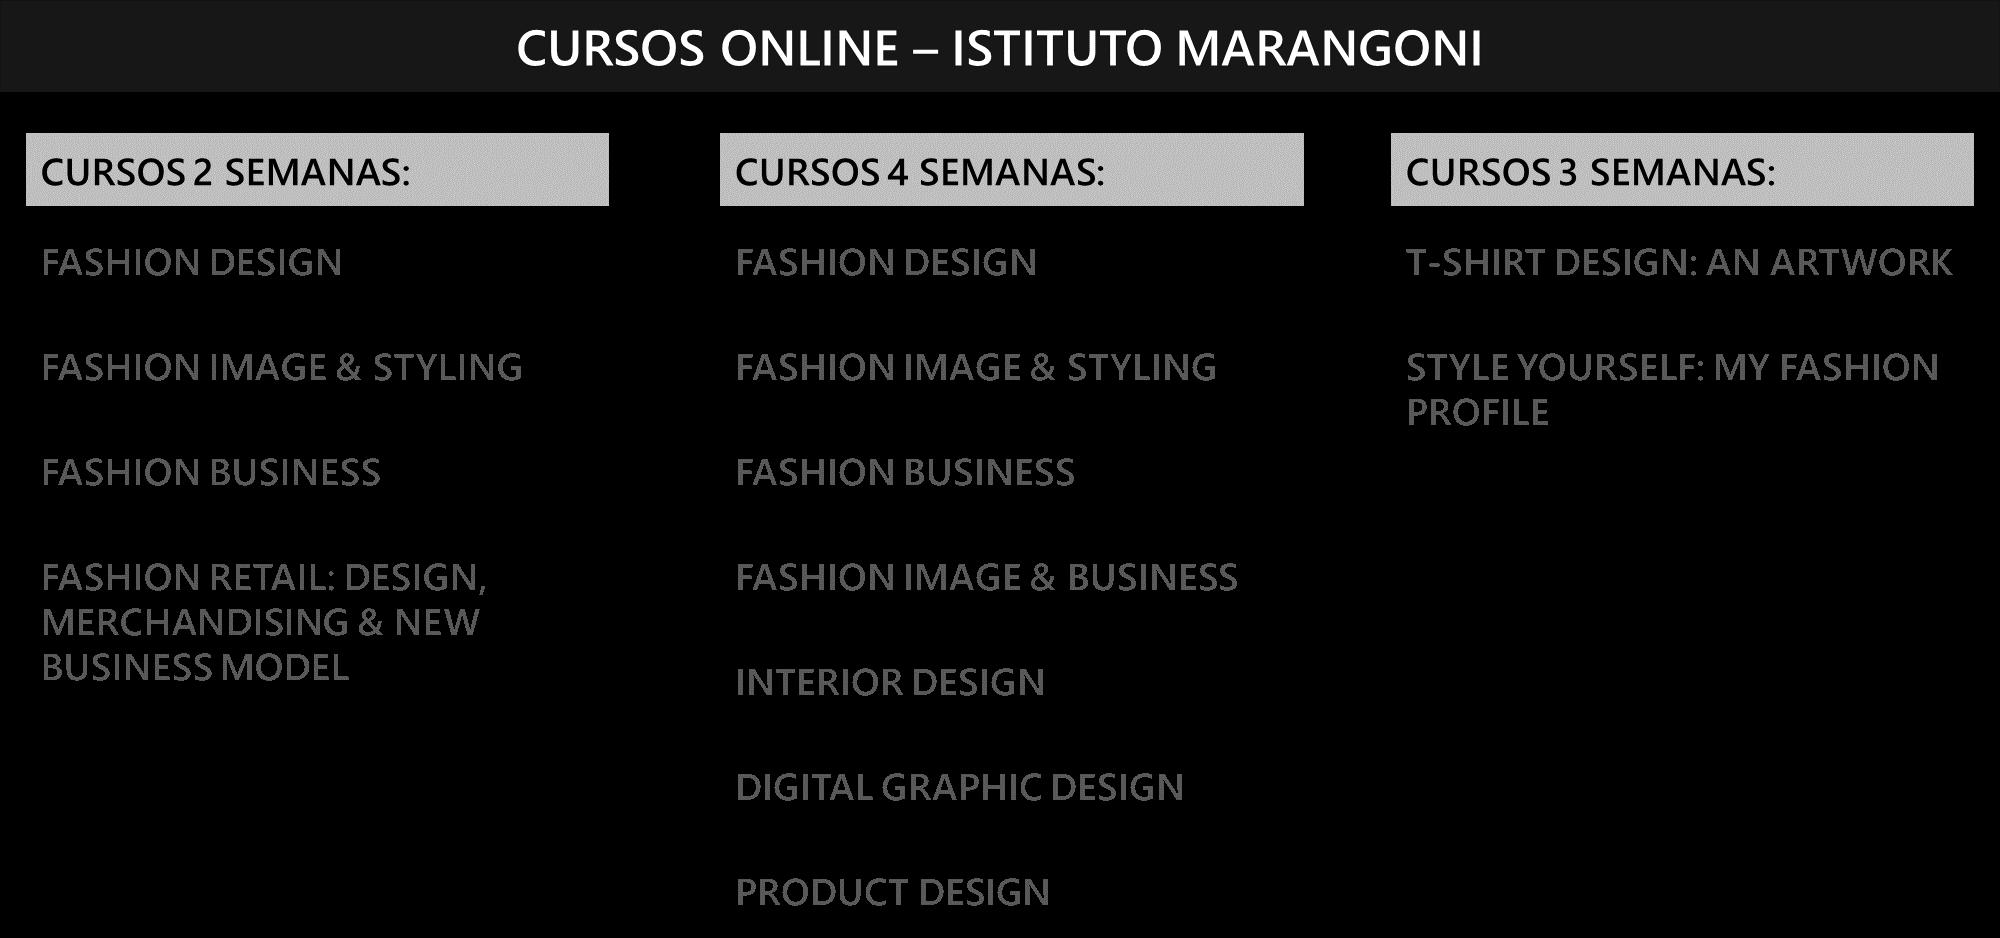 cursos im com design